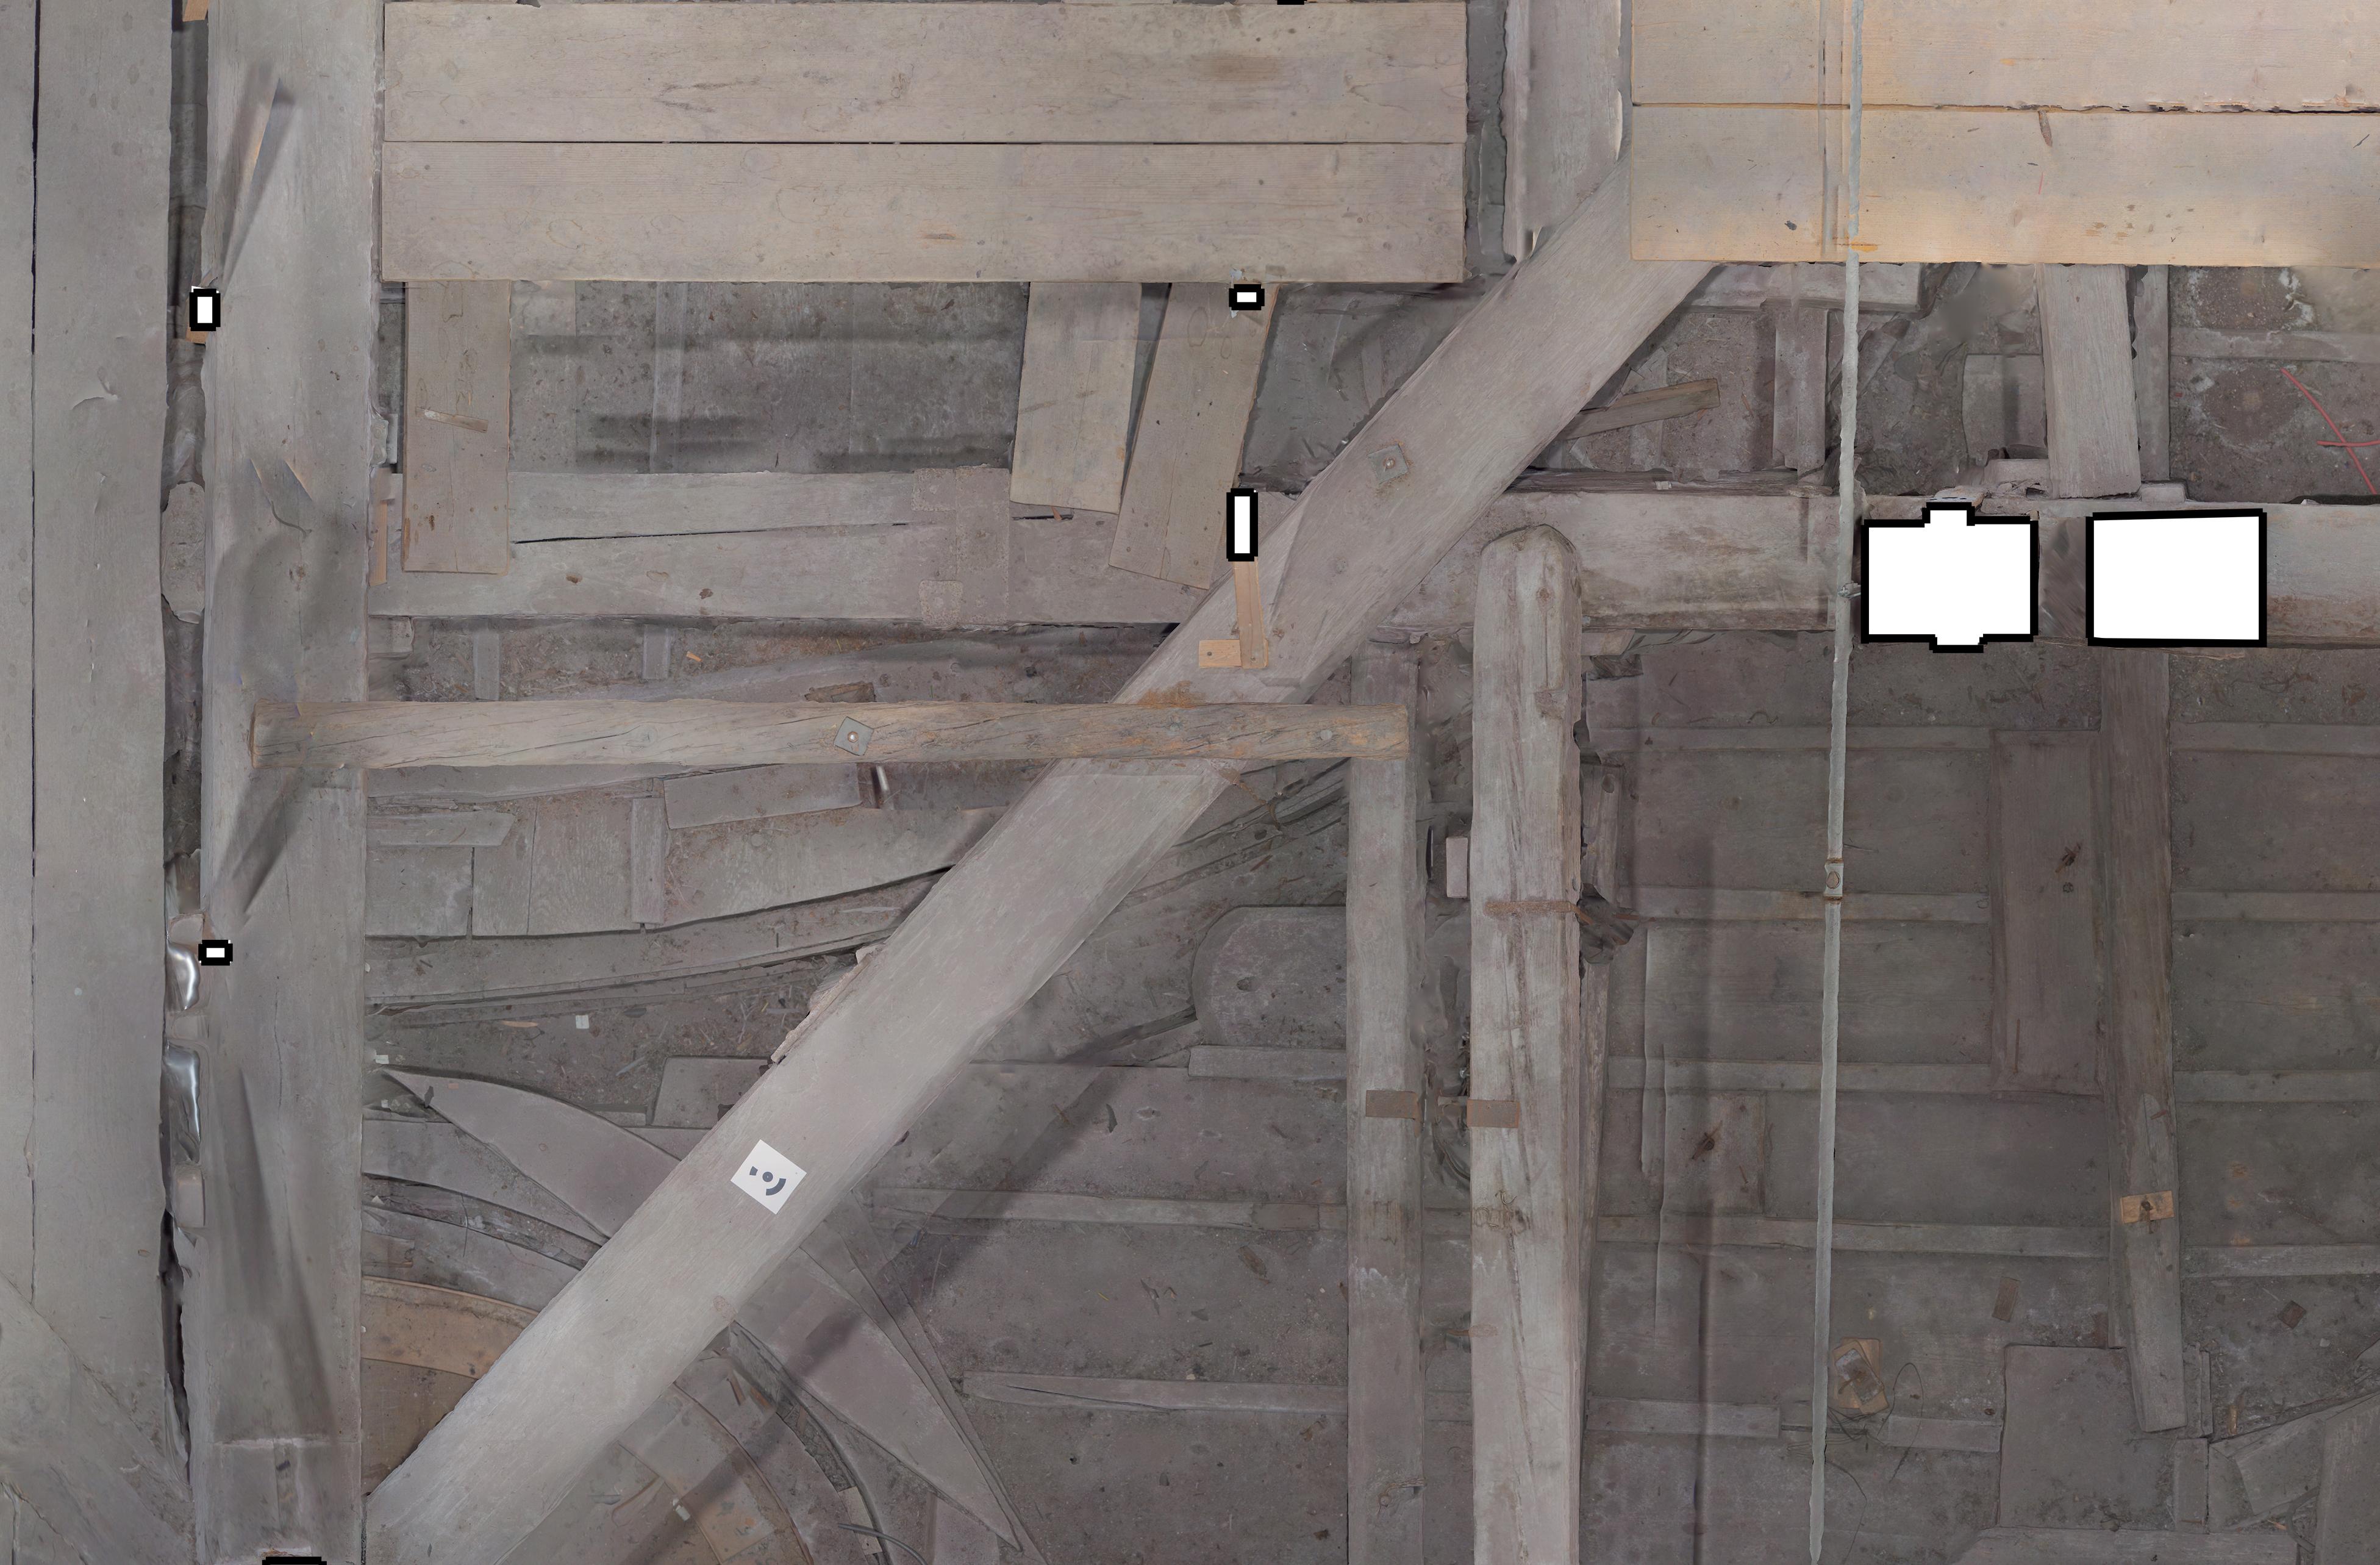 Rilievo fotogrammetrico soffitta Palazzo Ducale di Venezia  fotoraddrizzamento del piano orizzontale (livello 1)